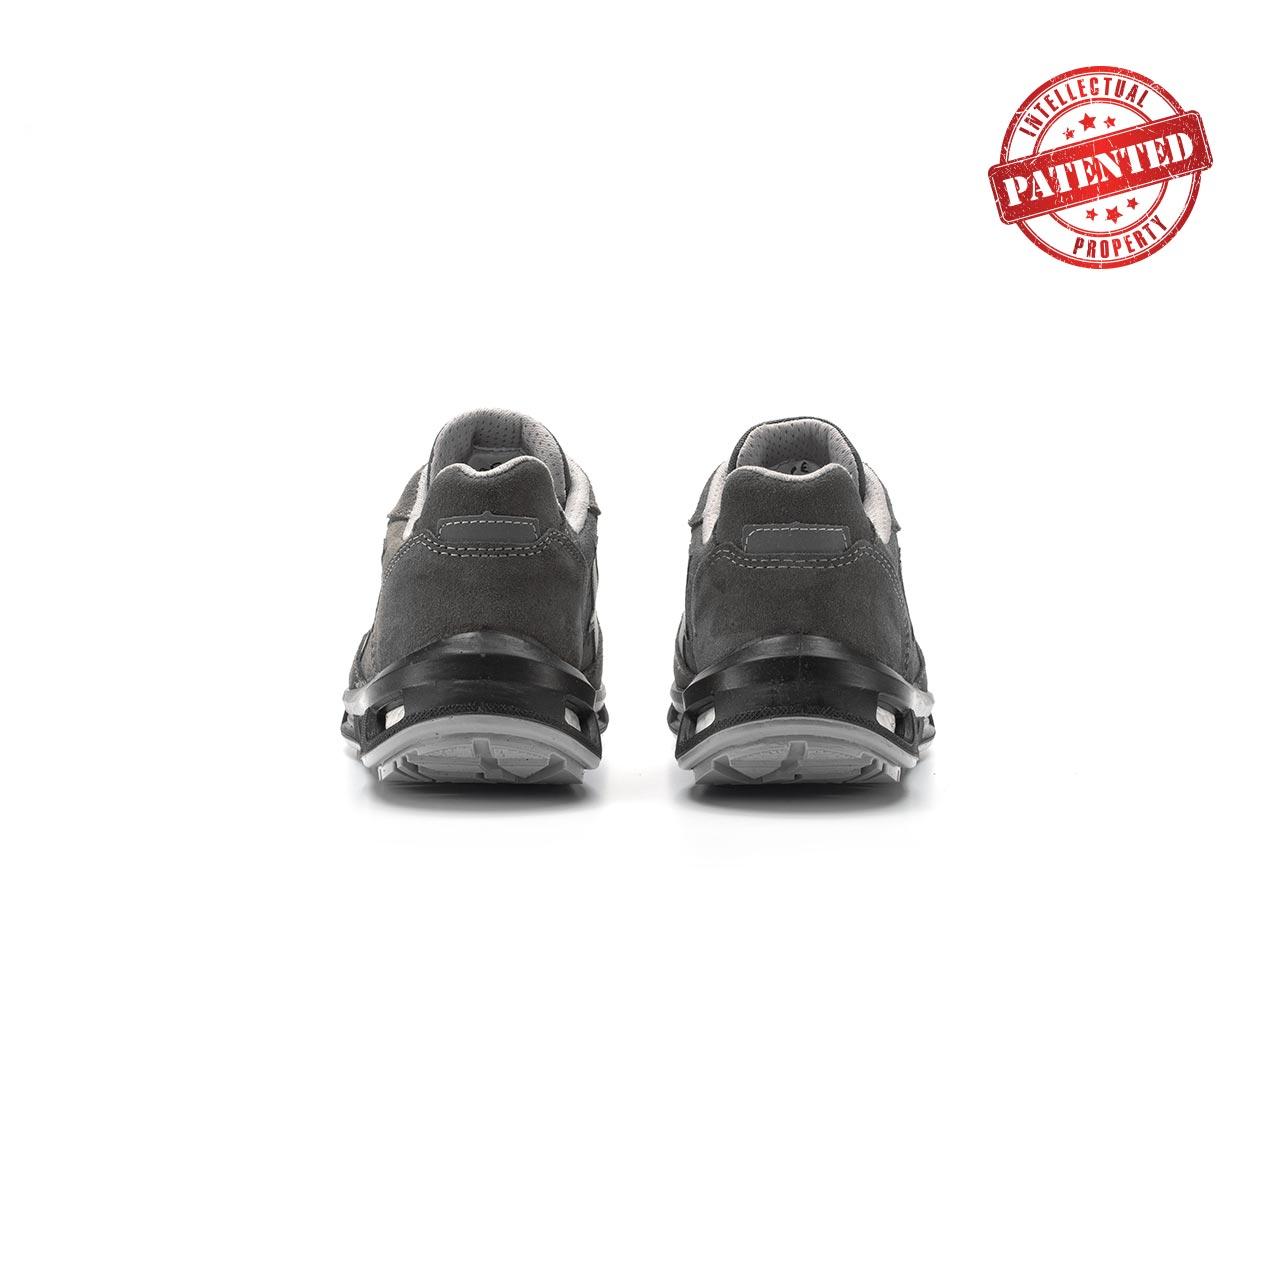 paio di scarpe antinfortunistiche upower modello going linea redlion vista retro